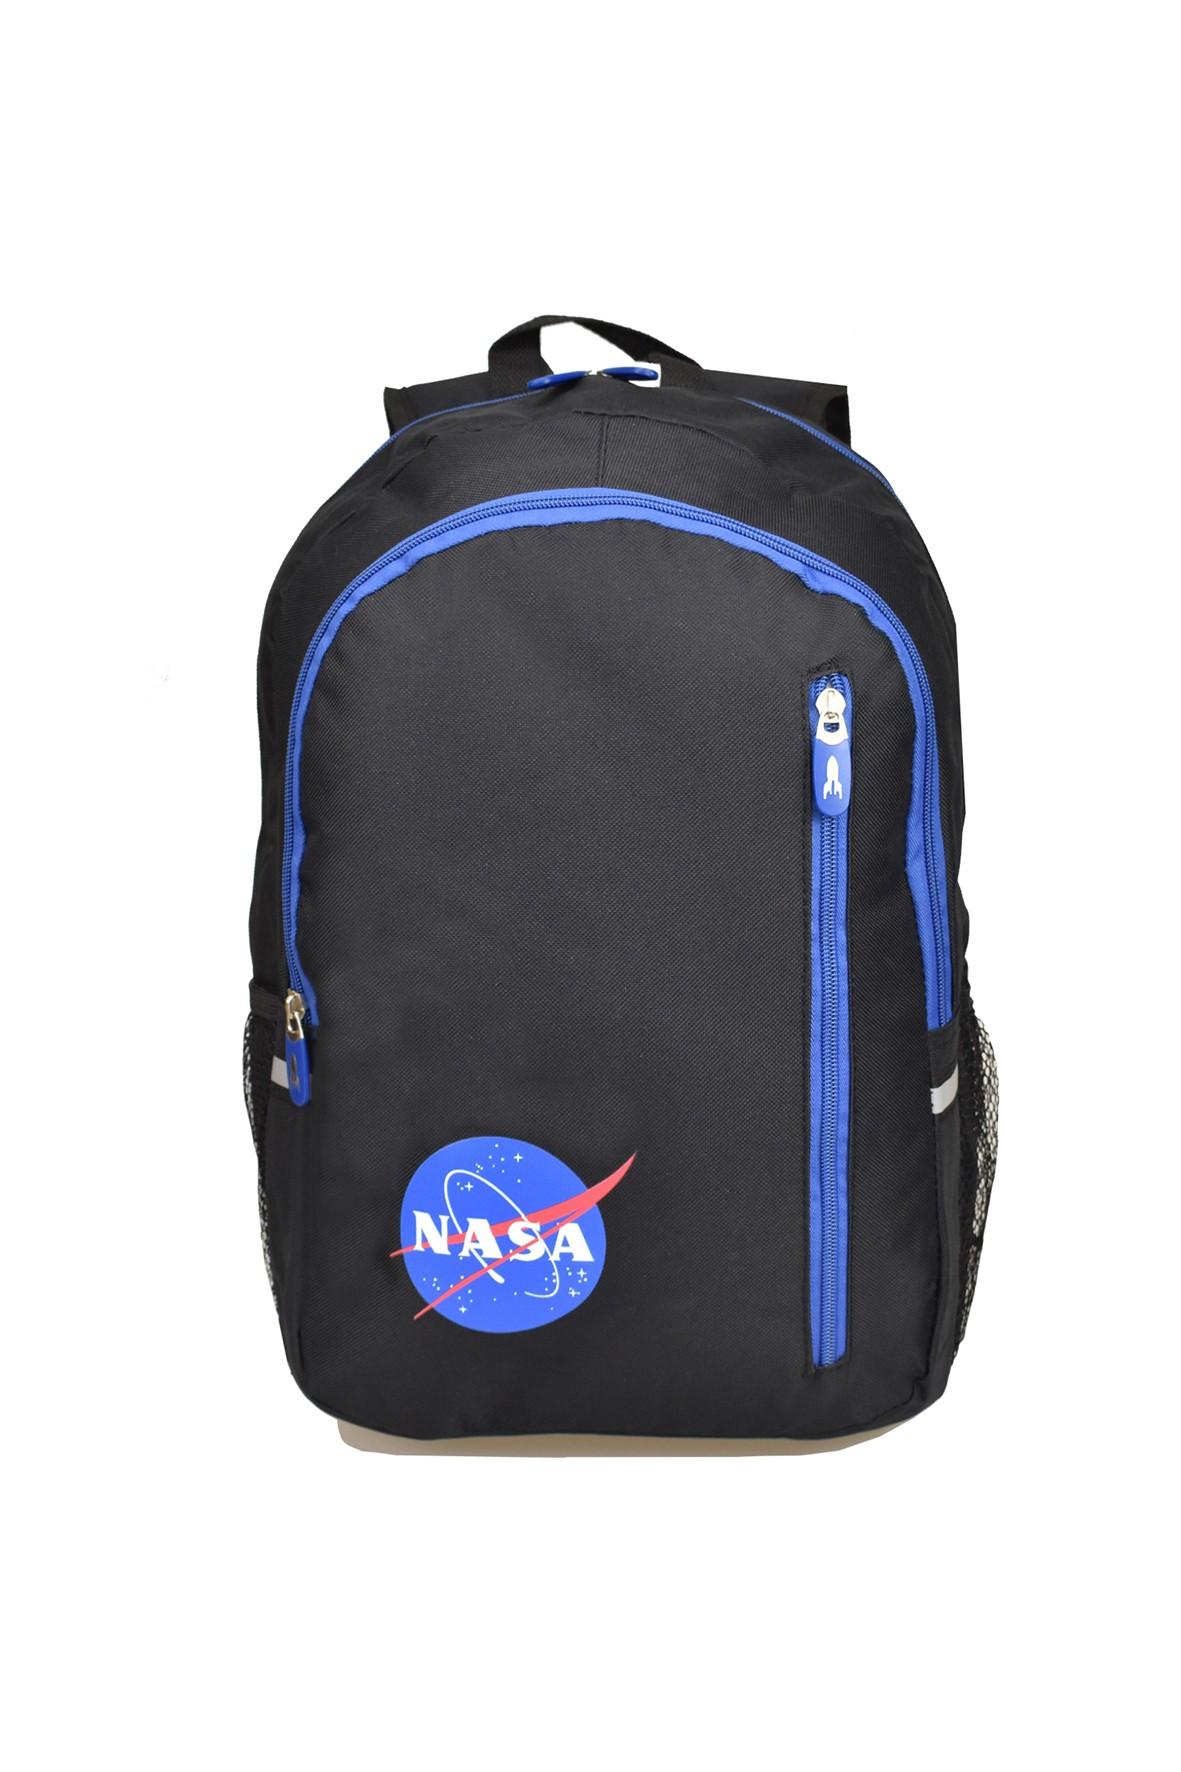 Plecak młodzieżowy NASA